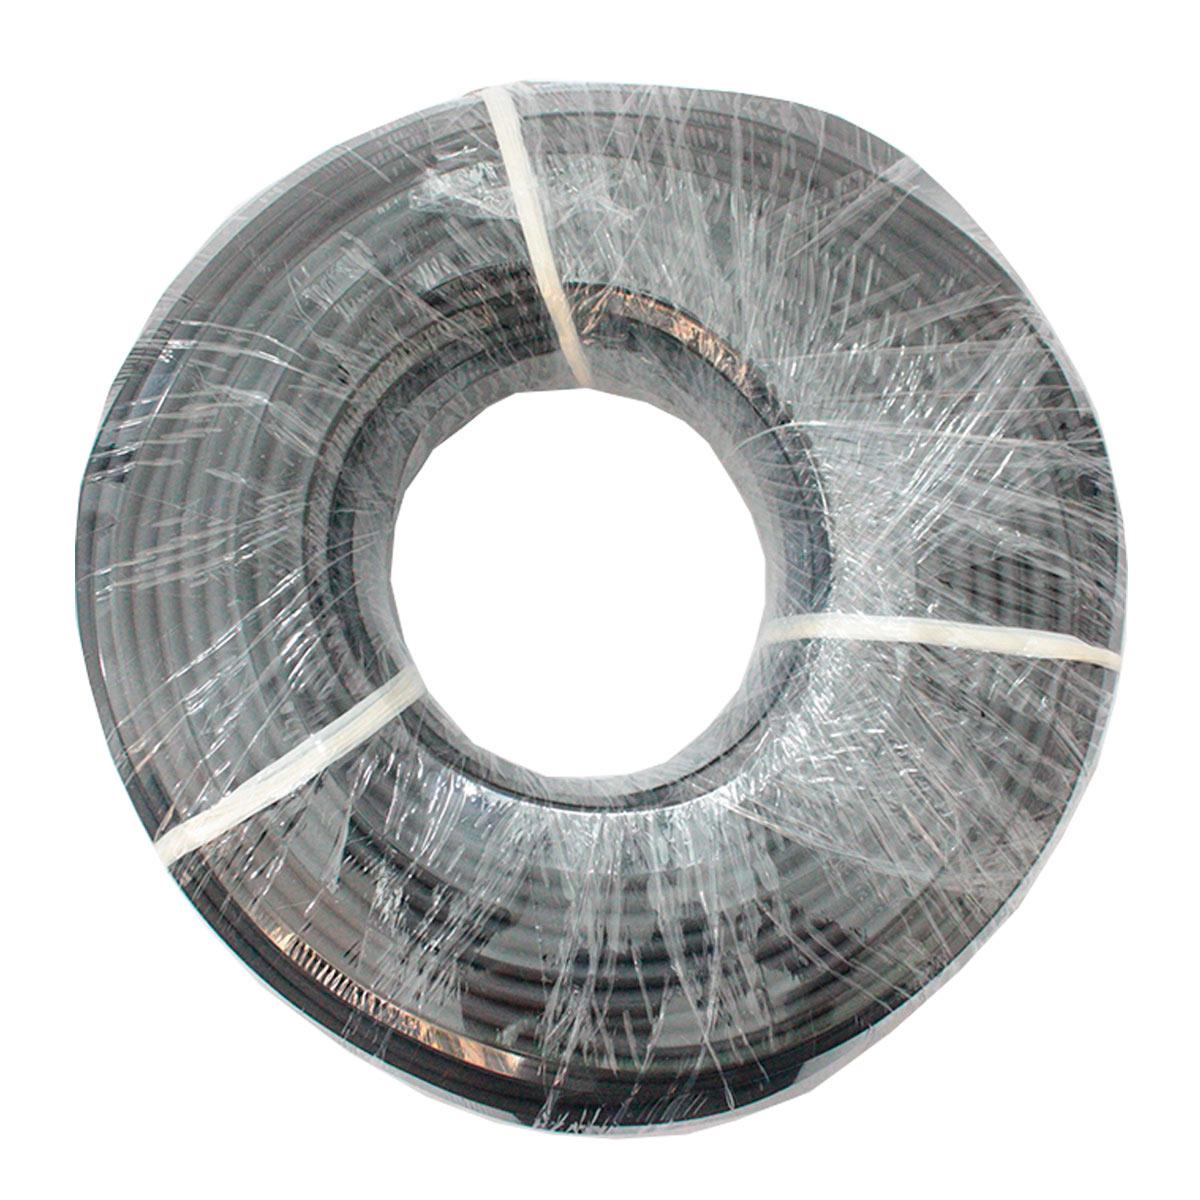 Cabo Balanceado Emborrachado 2x0,30 ( Rolo 100m ) - Sparflex